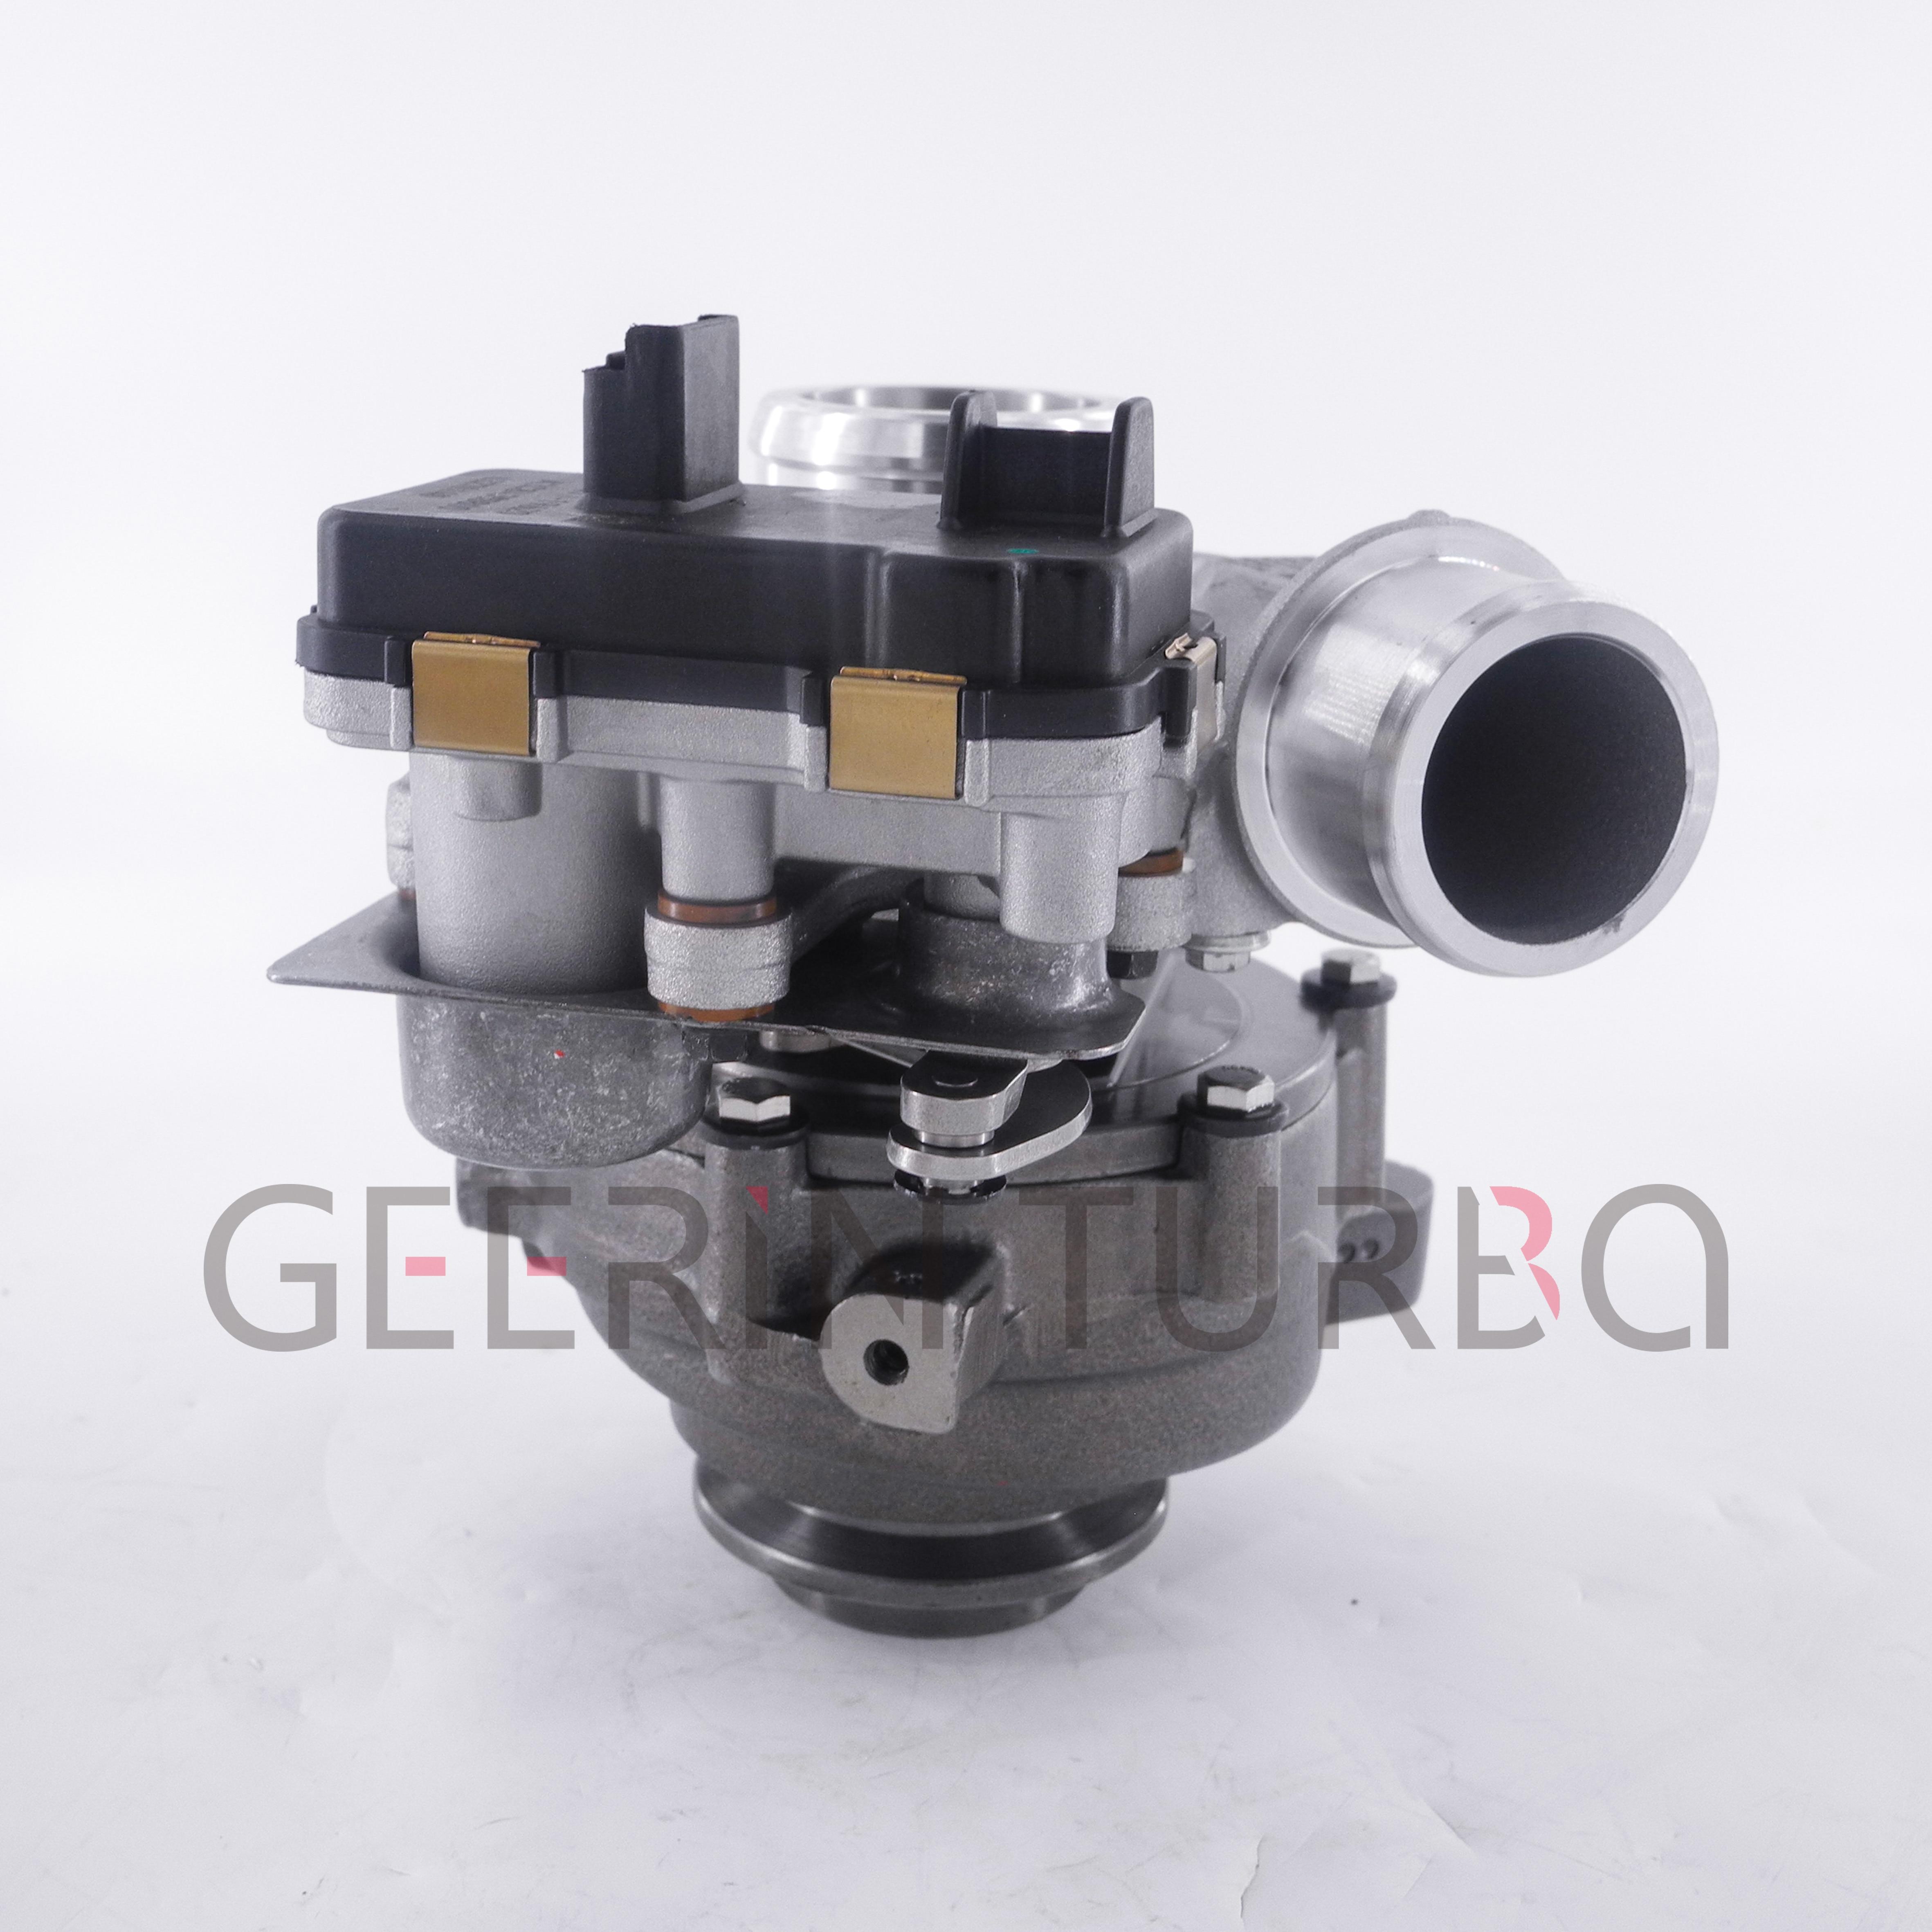 GEERIN 12 месяцев гарантии TD04L4-11TK3-VG Турбокомпрессор Для 49477-01204 49477-01203 Турбокомпрессор для продажи